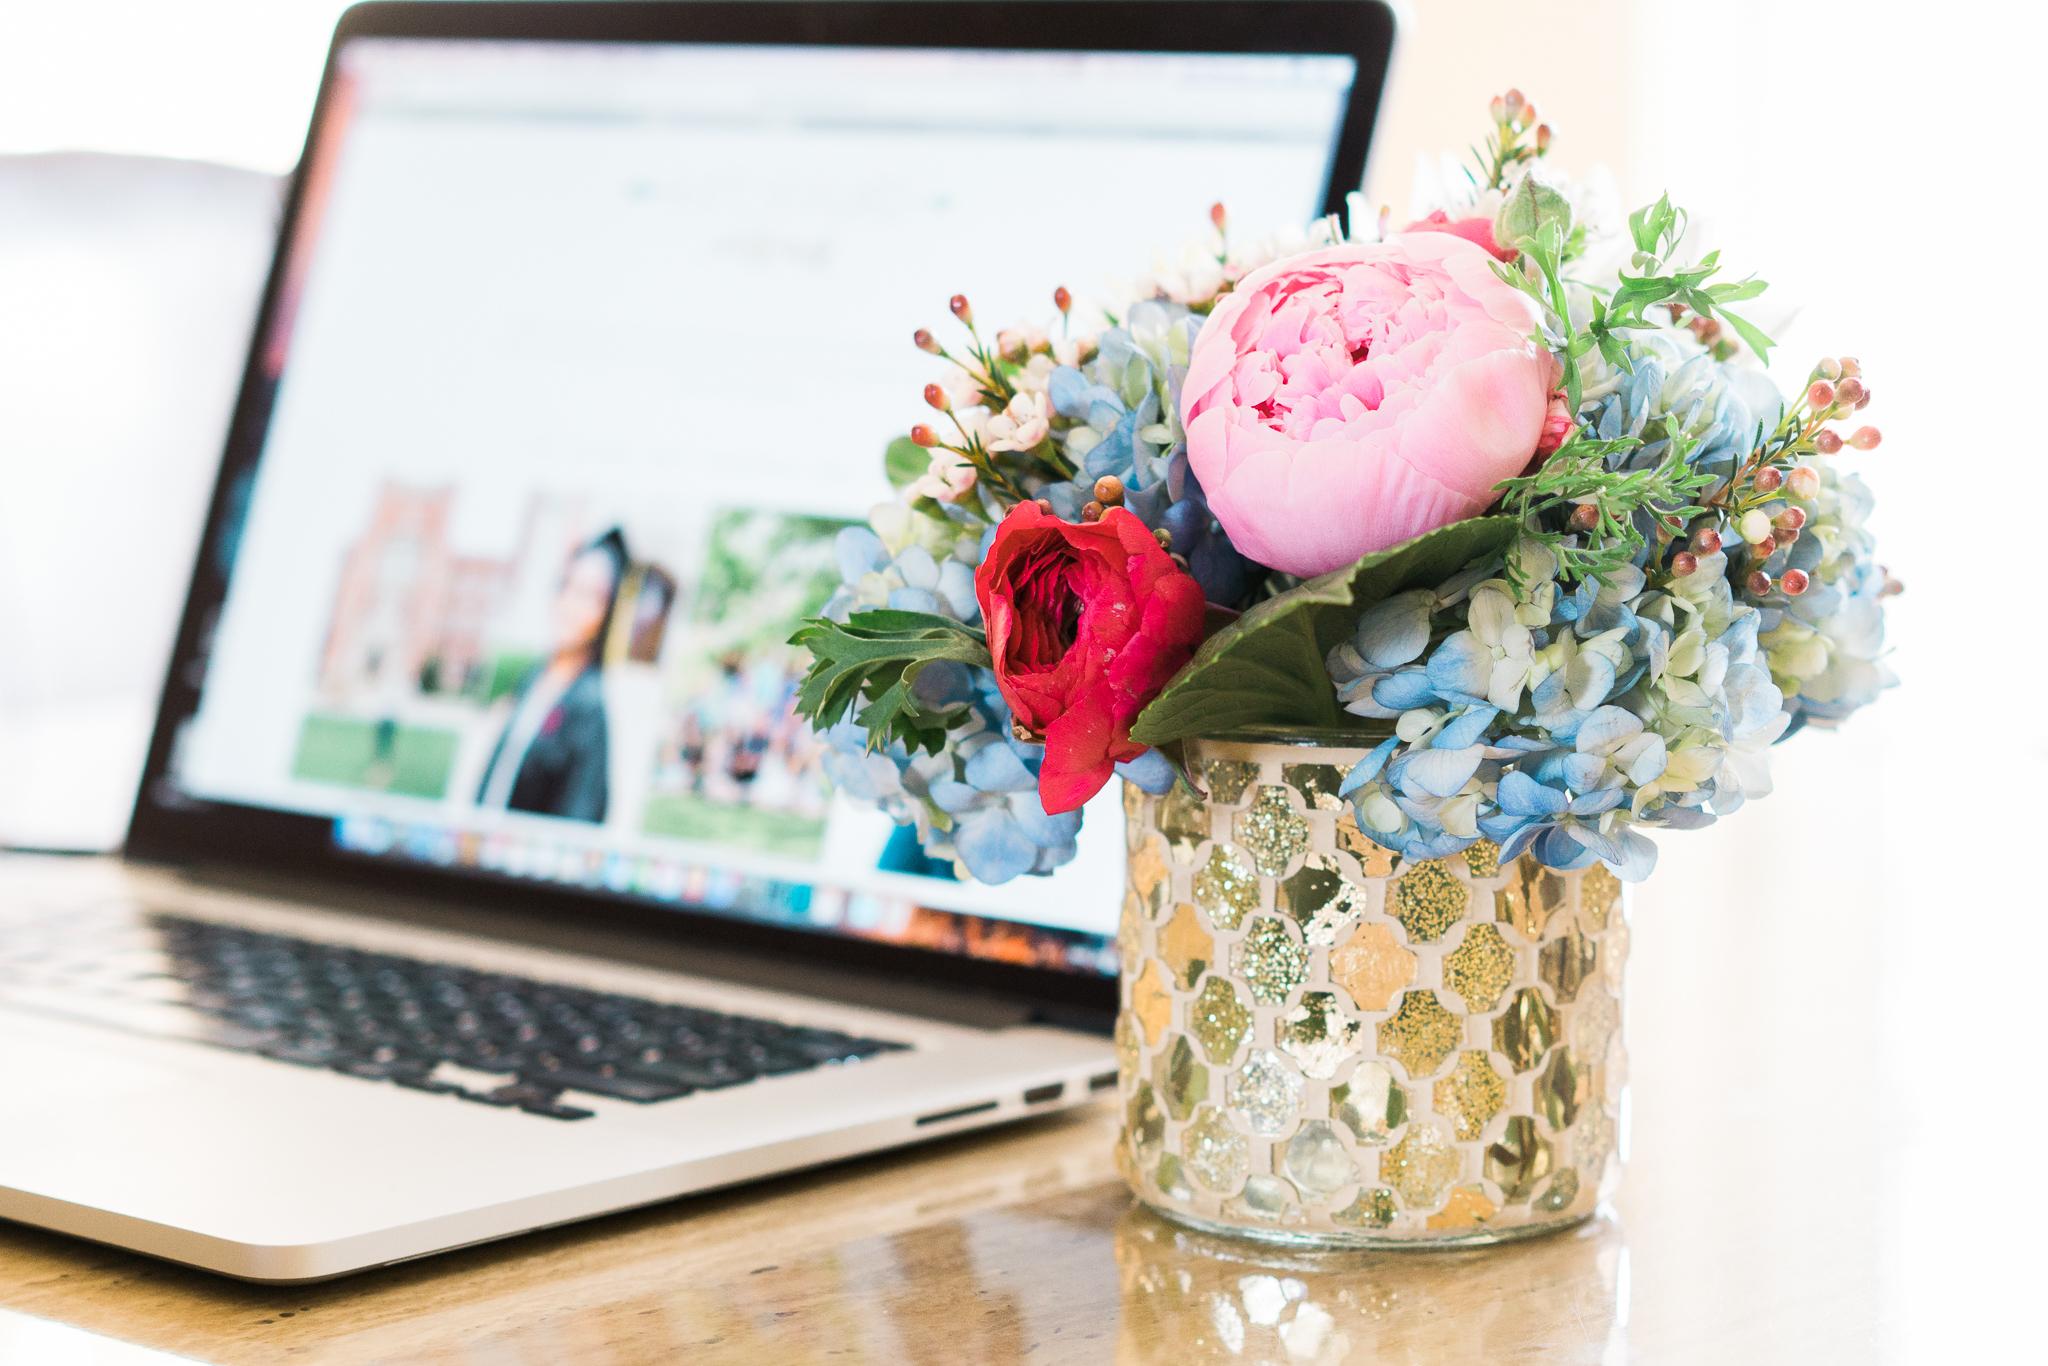 flowers_computer-1.jpg